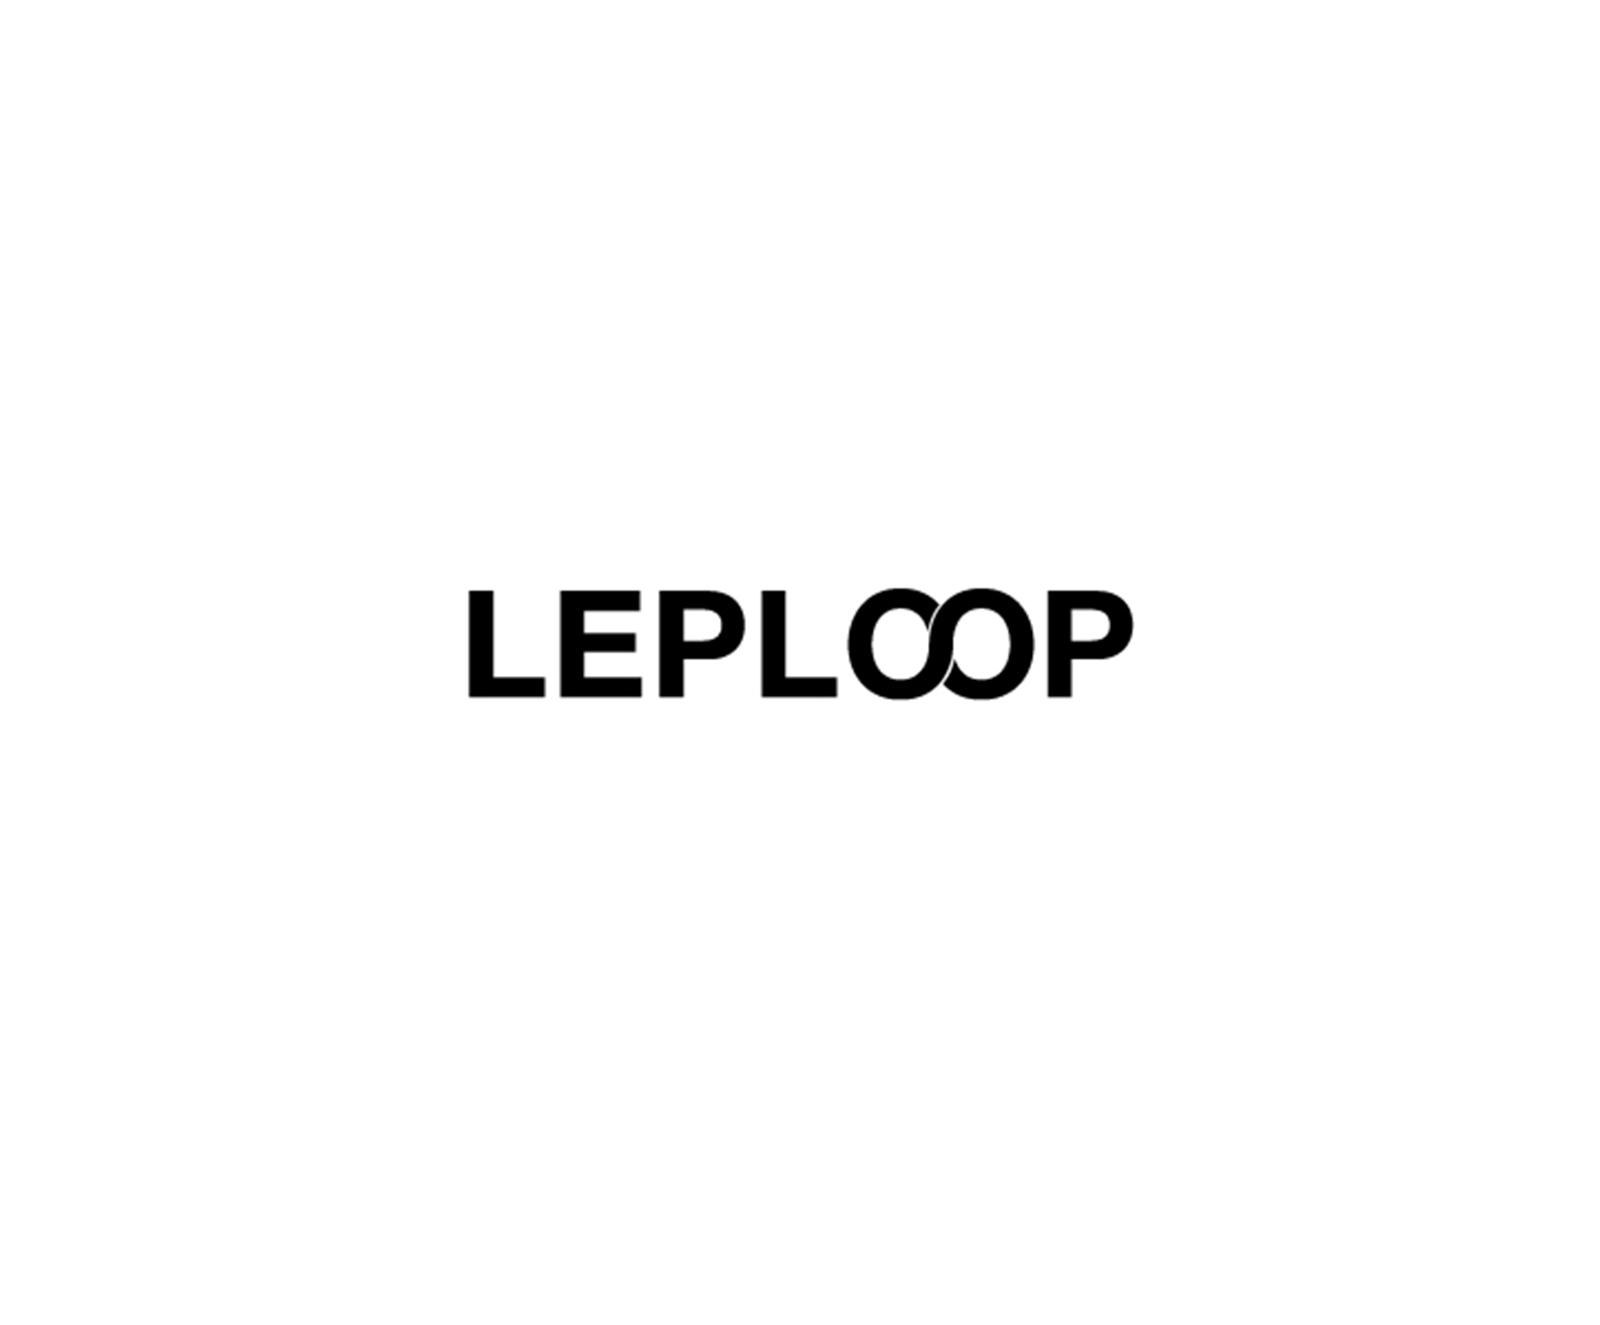 Leploop